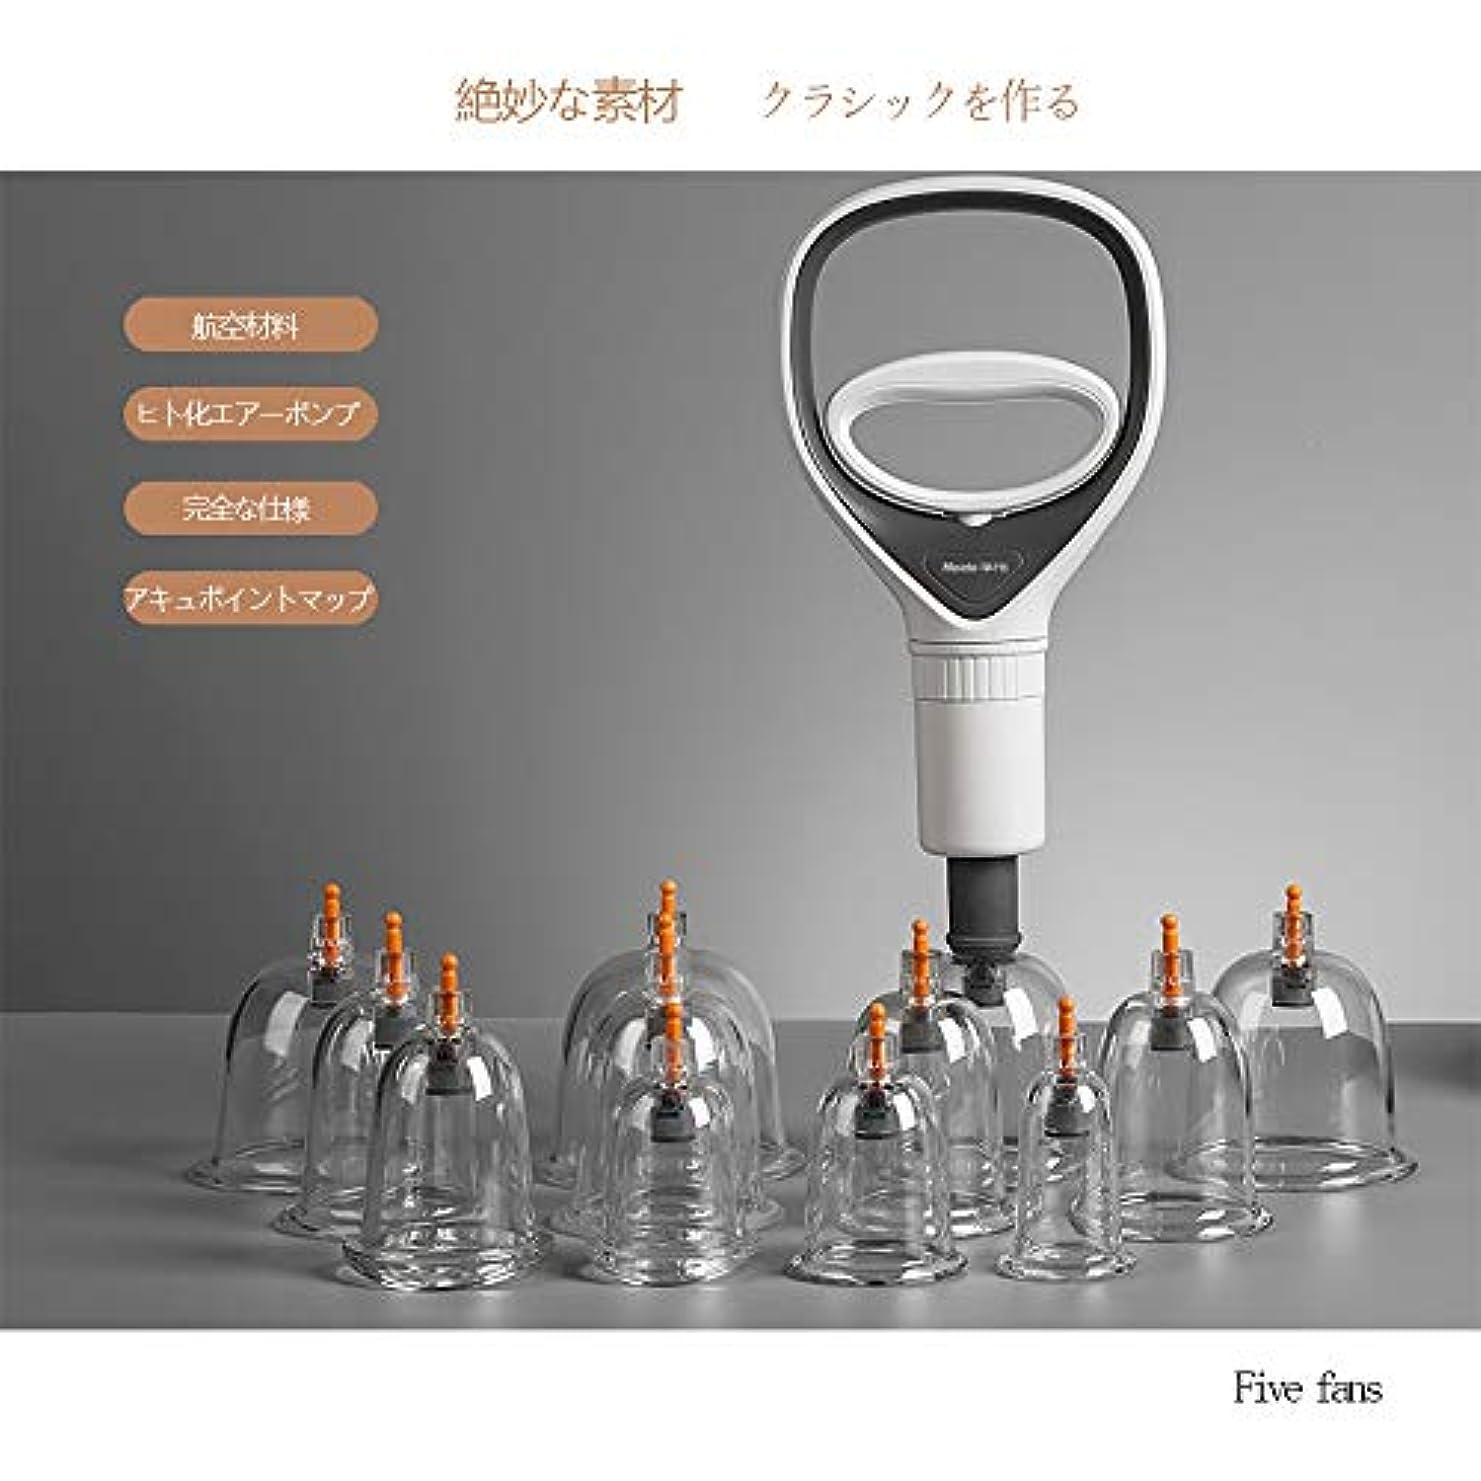 供給存在する火薬カッピング 吸い玉 マッサージカップ 磁気 ポンプ付きカッピングセット 疲労解消 血液の循環を刺激 各部位対応8種類 12個セット(ギフトボックス付き)